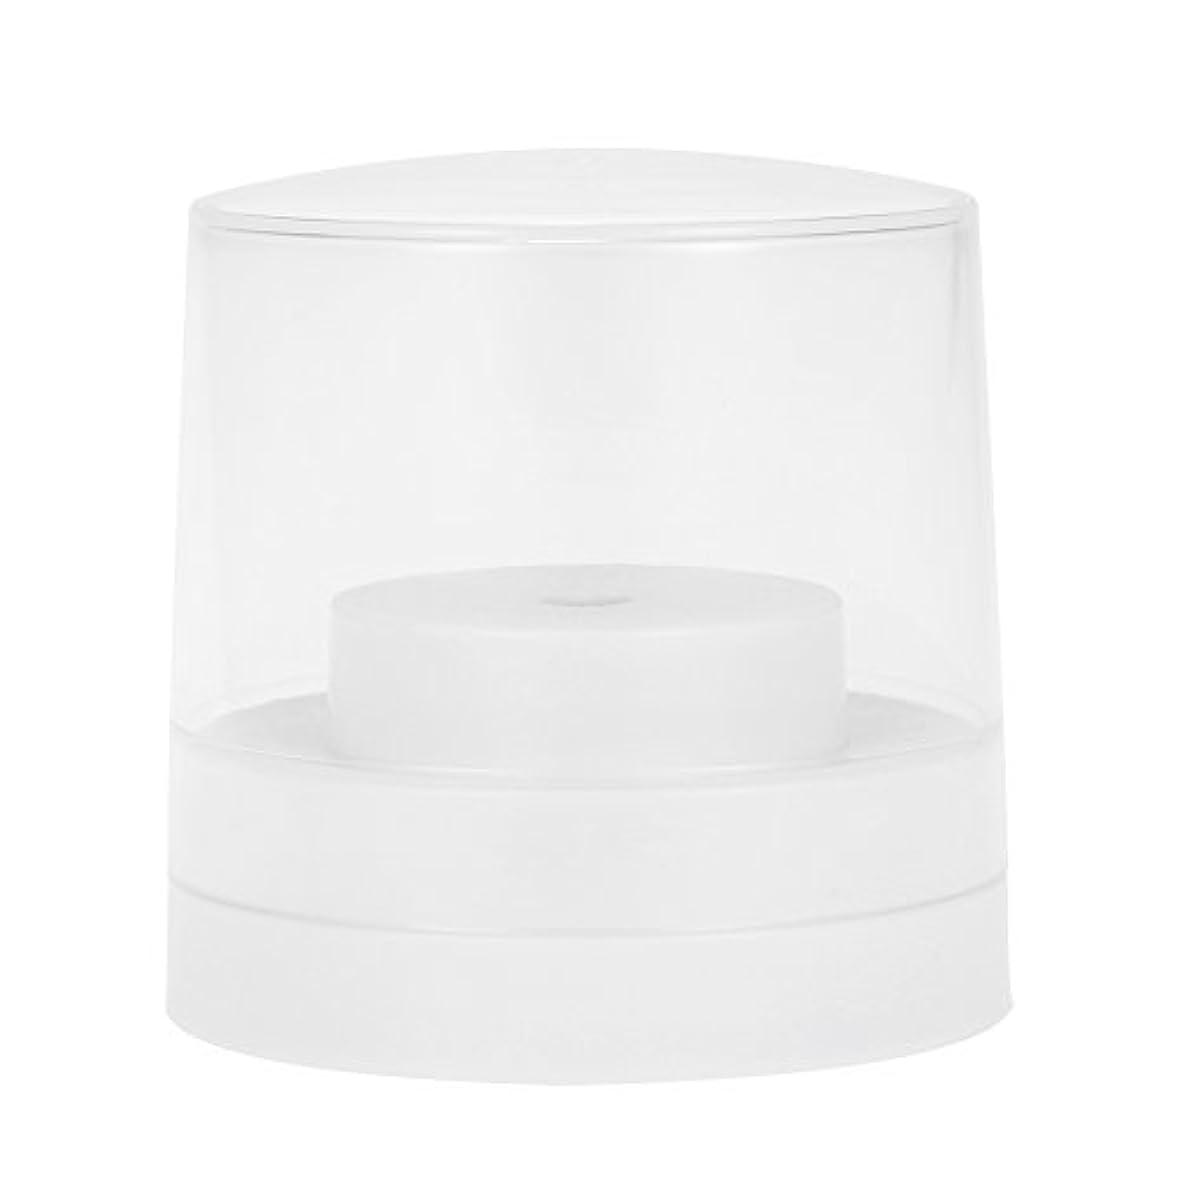 適用する不屈コンソールDecdeal ネイルドリルビットホルダー 60穴 歯科用 バースタンド ディスプレイ オーガナイザー コンテナ 透明 カバープラスチック ネイル 歯科用アクセサリー